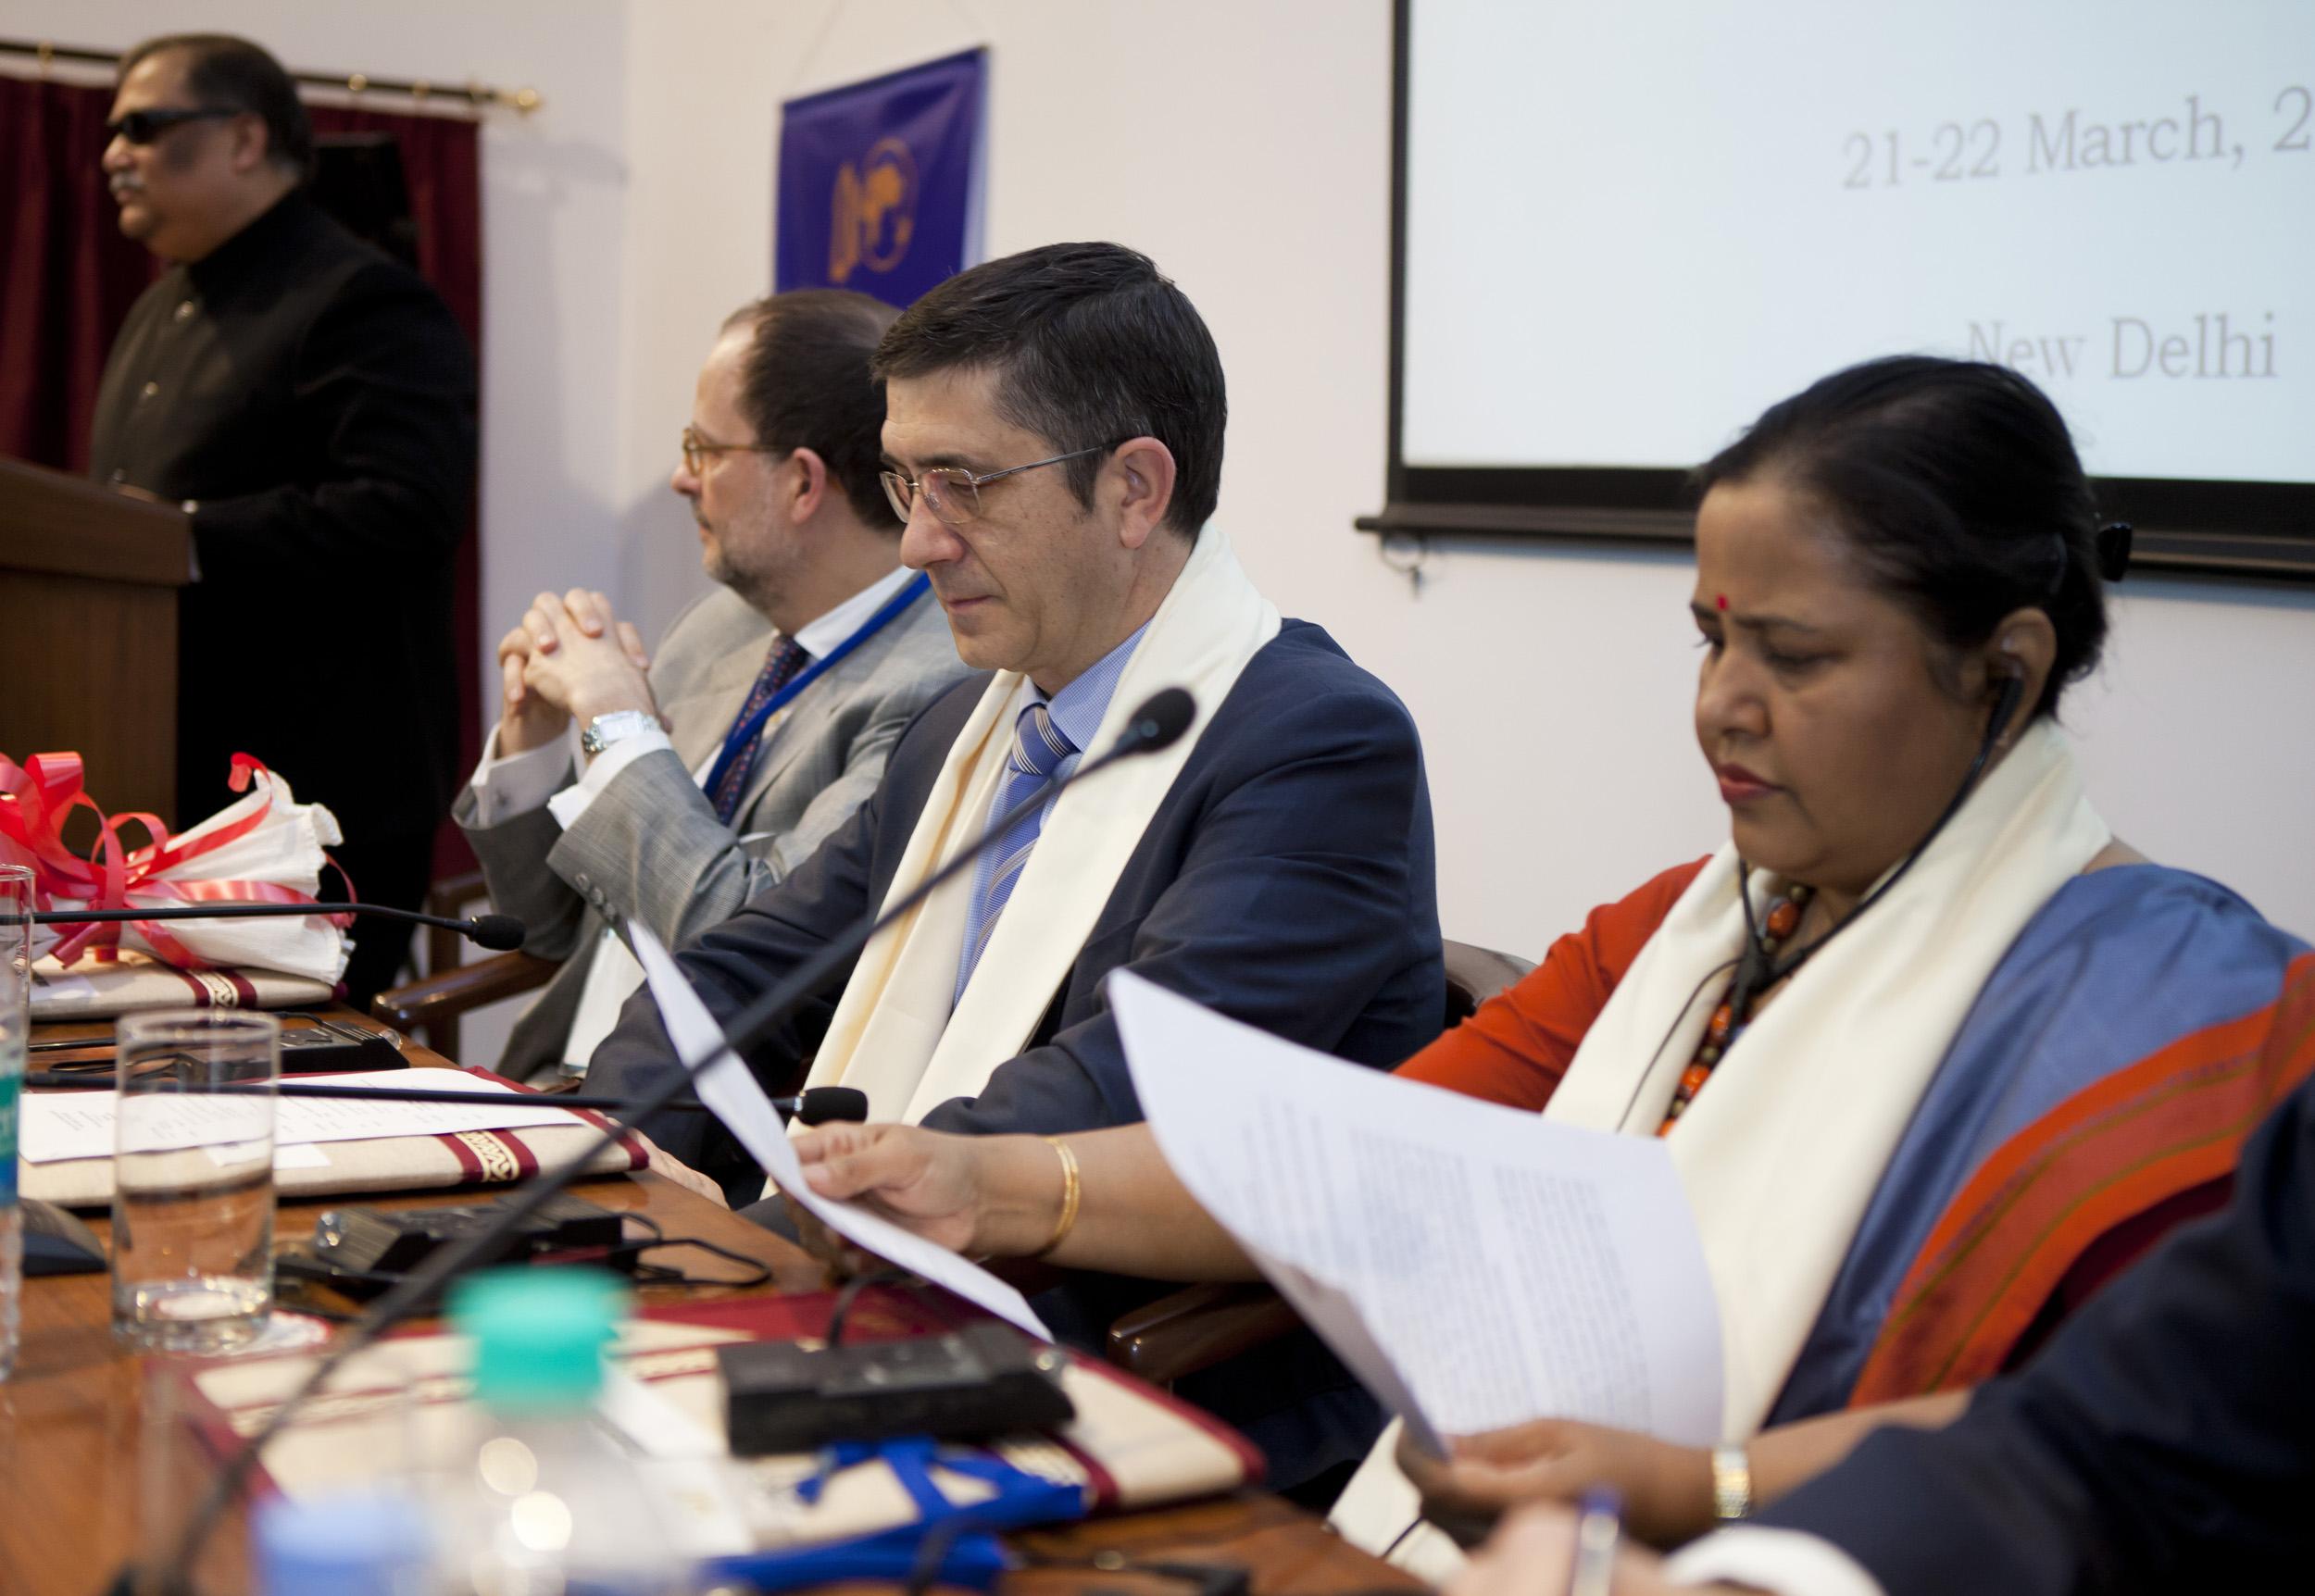 2012_03_21_tribuna_india_espana9.jpg